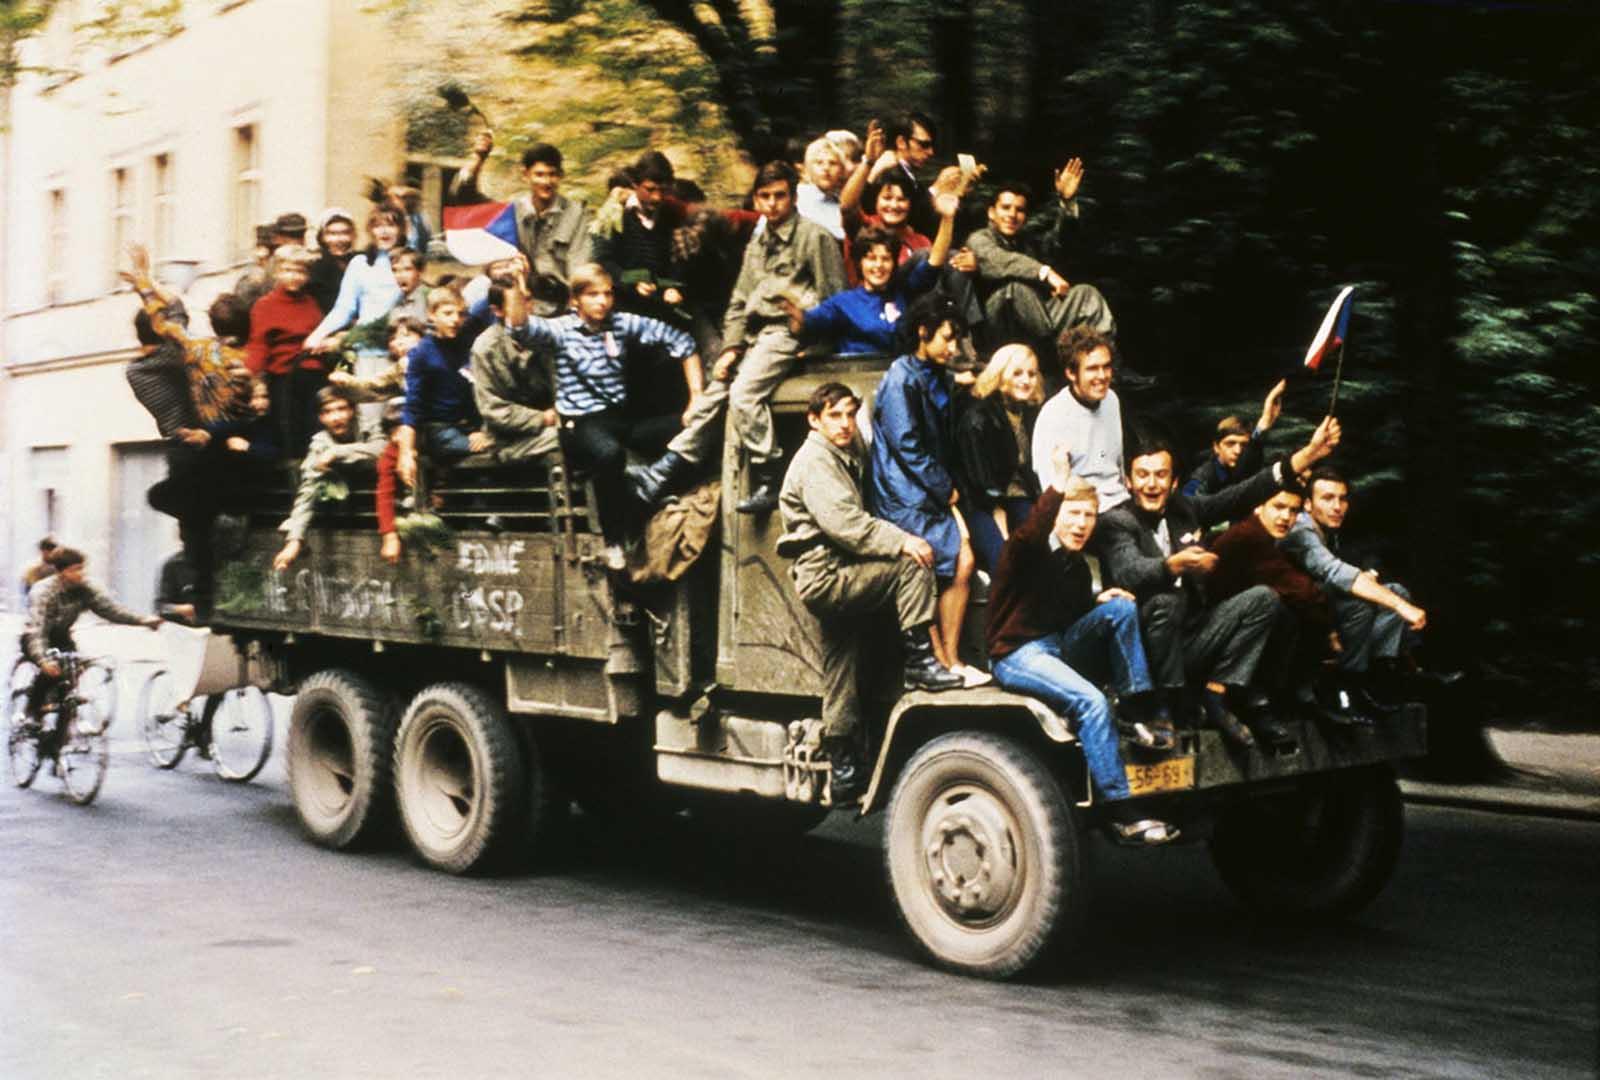 Los camiones del ejército checoslovaco llevan a los jóvenes a los alrededores de Praga, ya que los tanques soviéticos se habían detenido en las afueras de la ciudad y comenzaron un asedio al cuartel del ejército checo. Los pasajeros ondeaban banderas nacionales checoslovacas y cantaban canciones nacionales y consignas patrióticas.